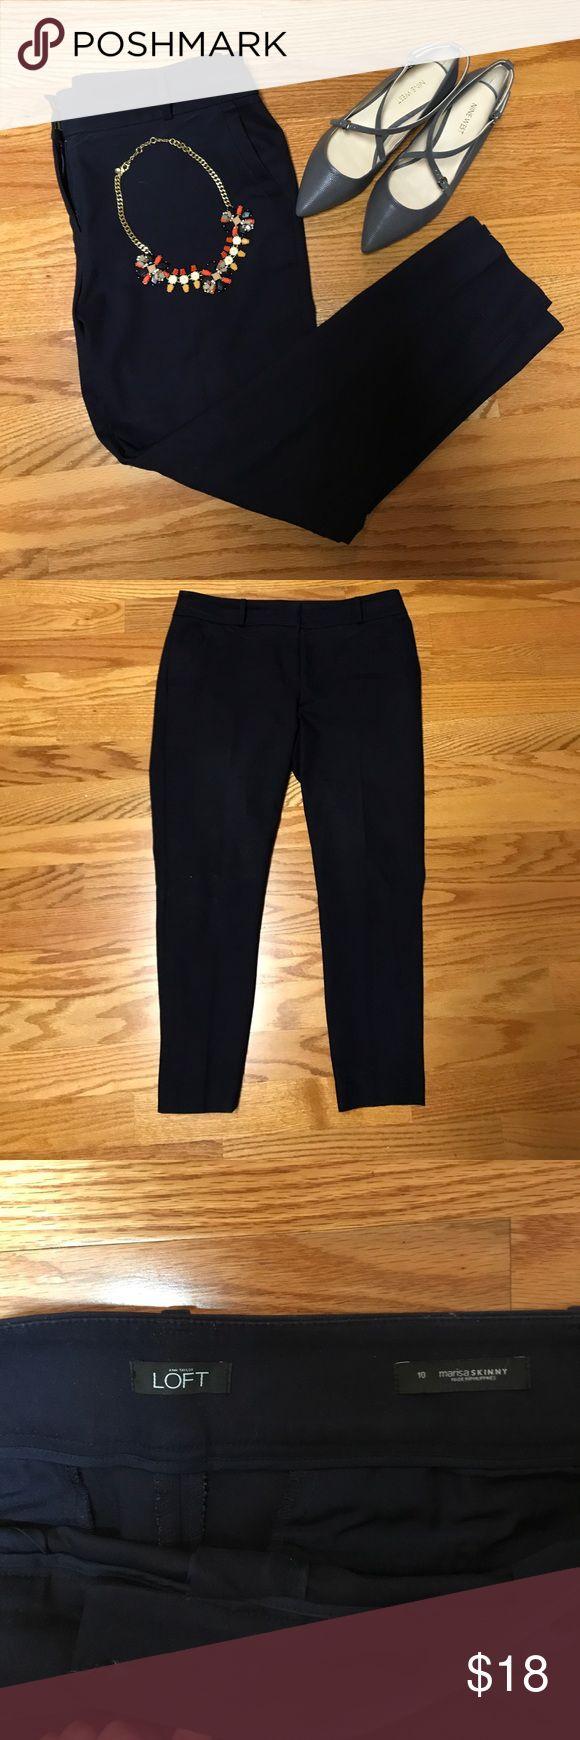 LOFT size 10 Marissa fit, navy blue dress pant LOFT size 10 Marissa fit, navy blue dress pant with a seam down the back. LOFT Pants Ankle & Cropped